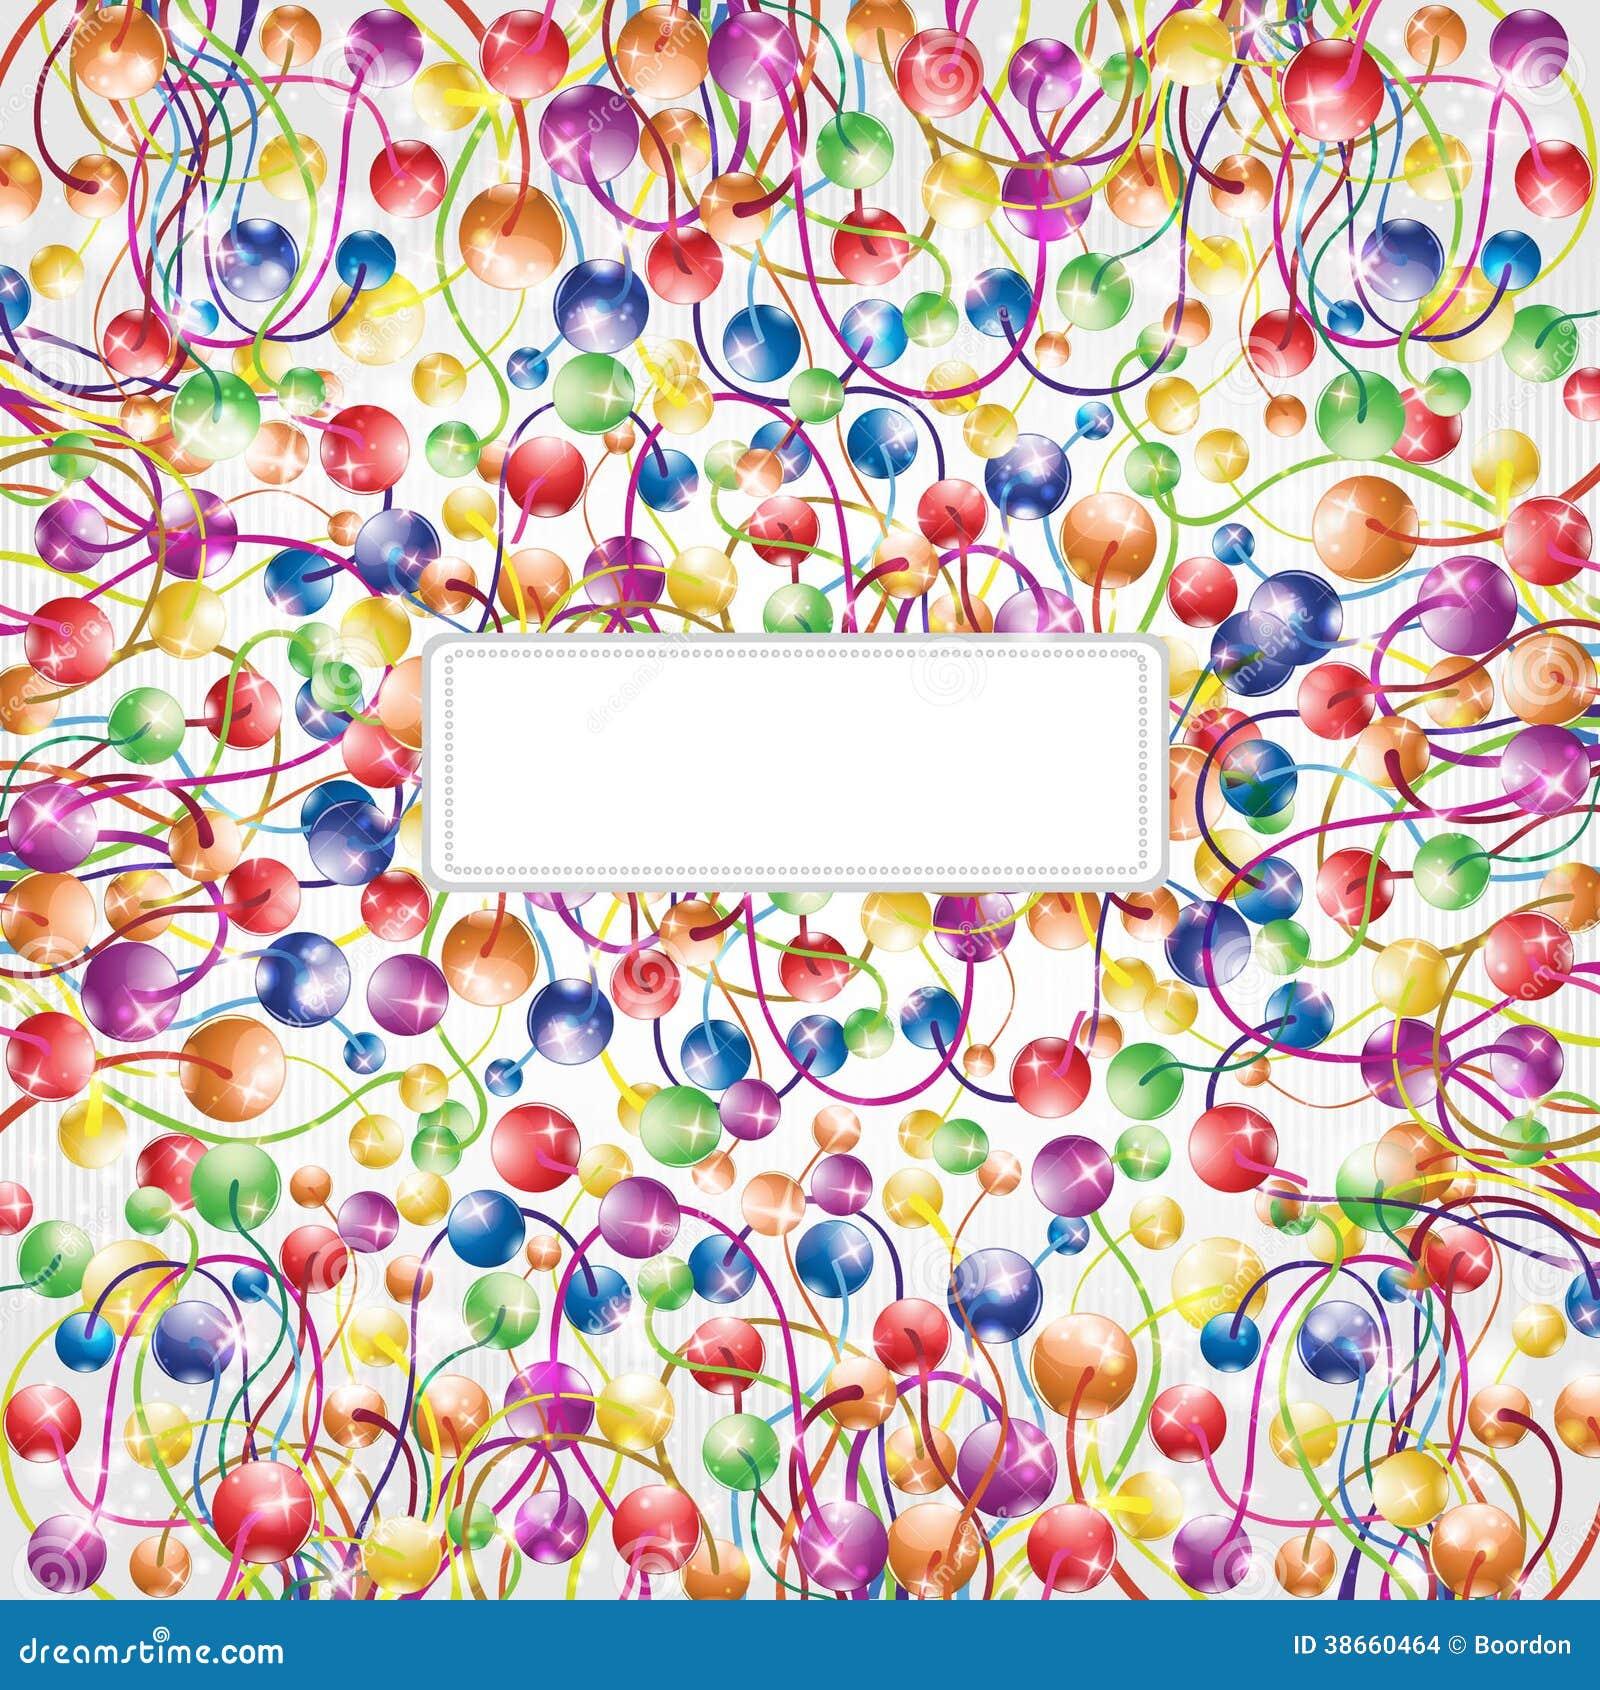 Rainbow shinny flower boll glossy background